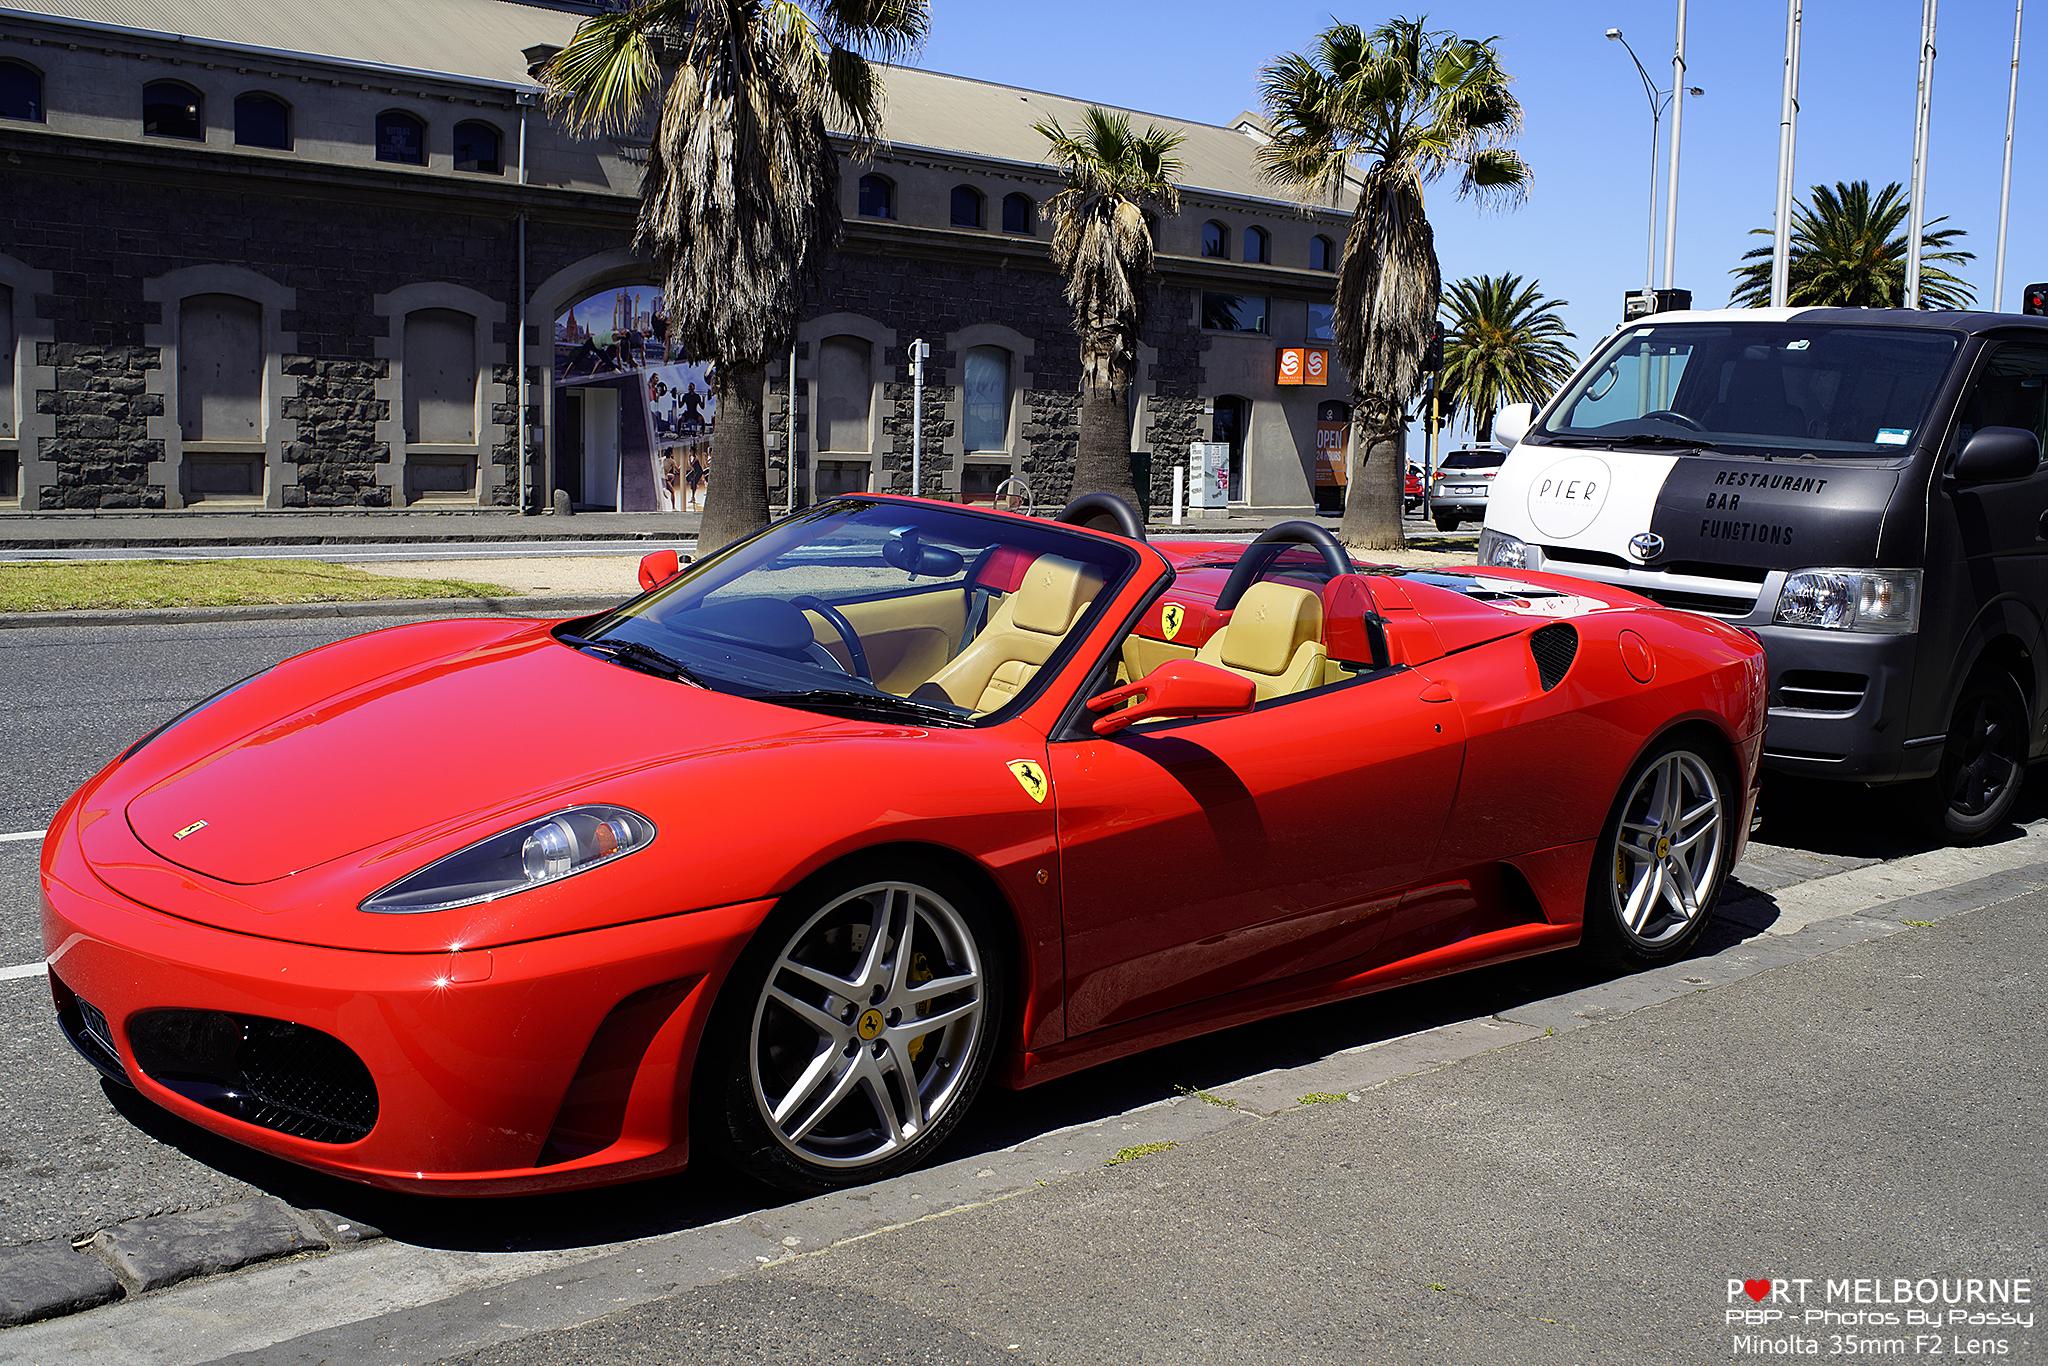 Minolta 35mm F2 Prime Lens Ferrari 14